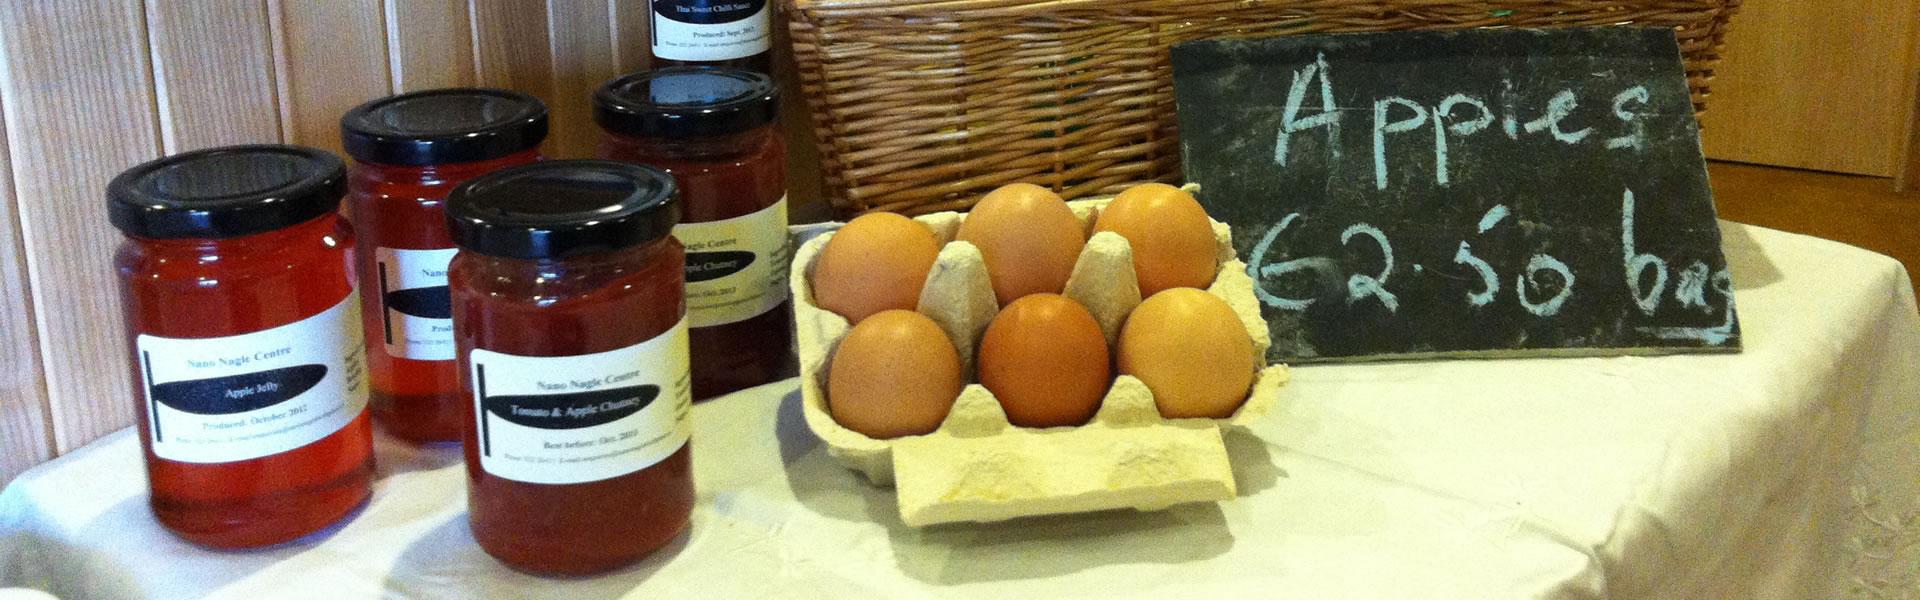 Eggs & Preserves